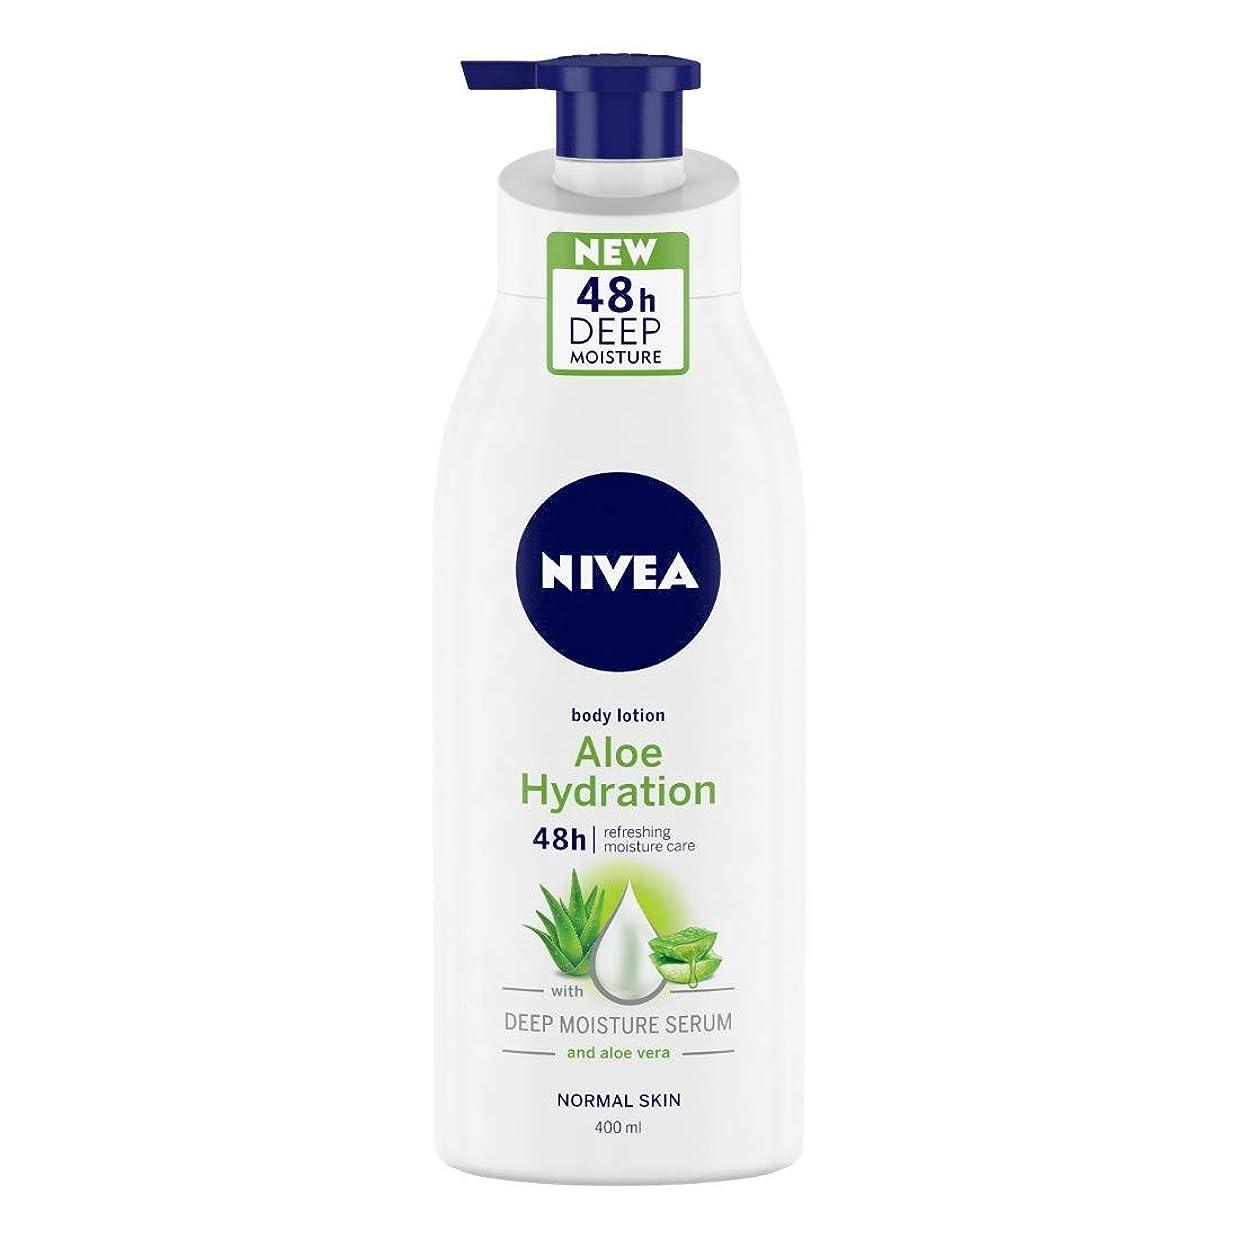 実用的王位雇ったNIVEA Aloe Hydration Body Lotion, 400ml, with deep moisture serum and aloe vera for normal skin